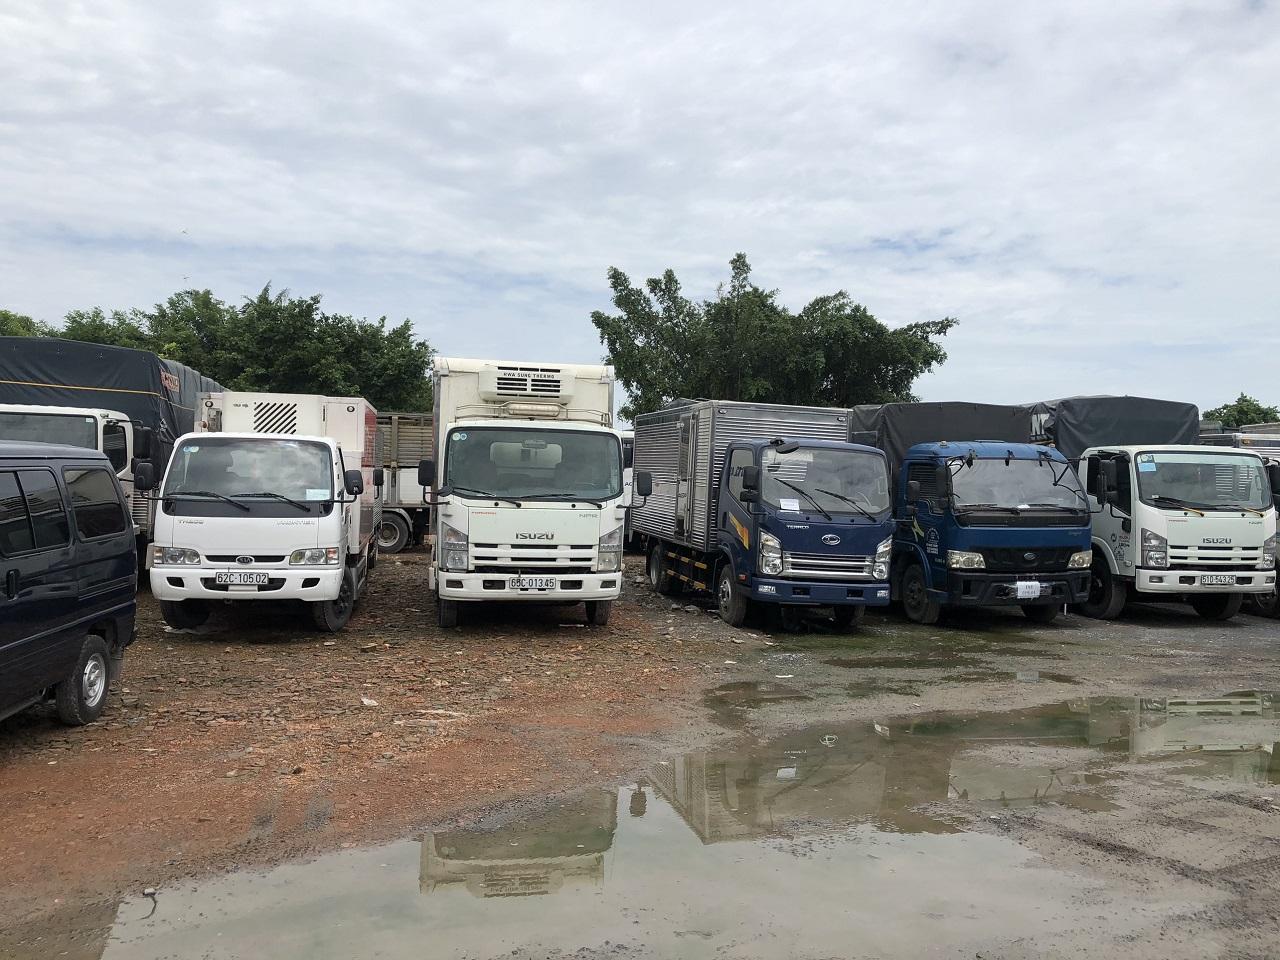 Mua bán xe tải cũ tại Hải Phòng